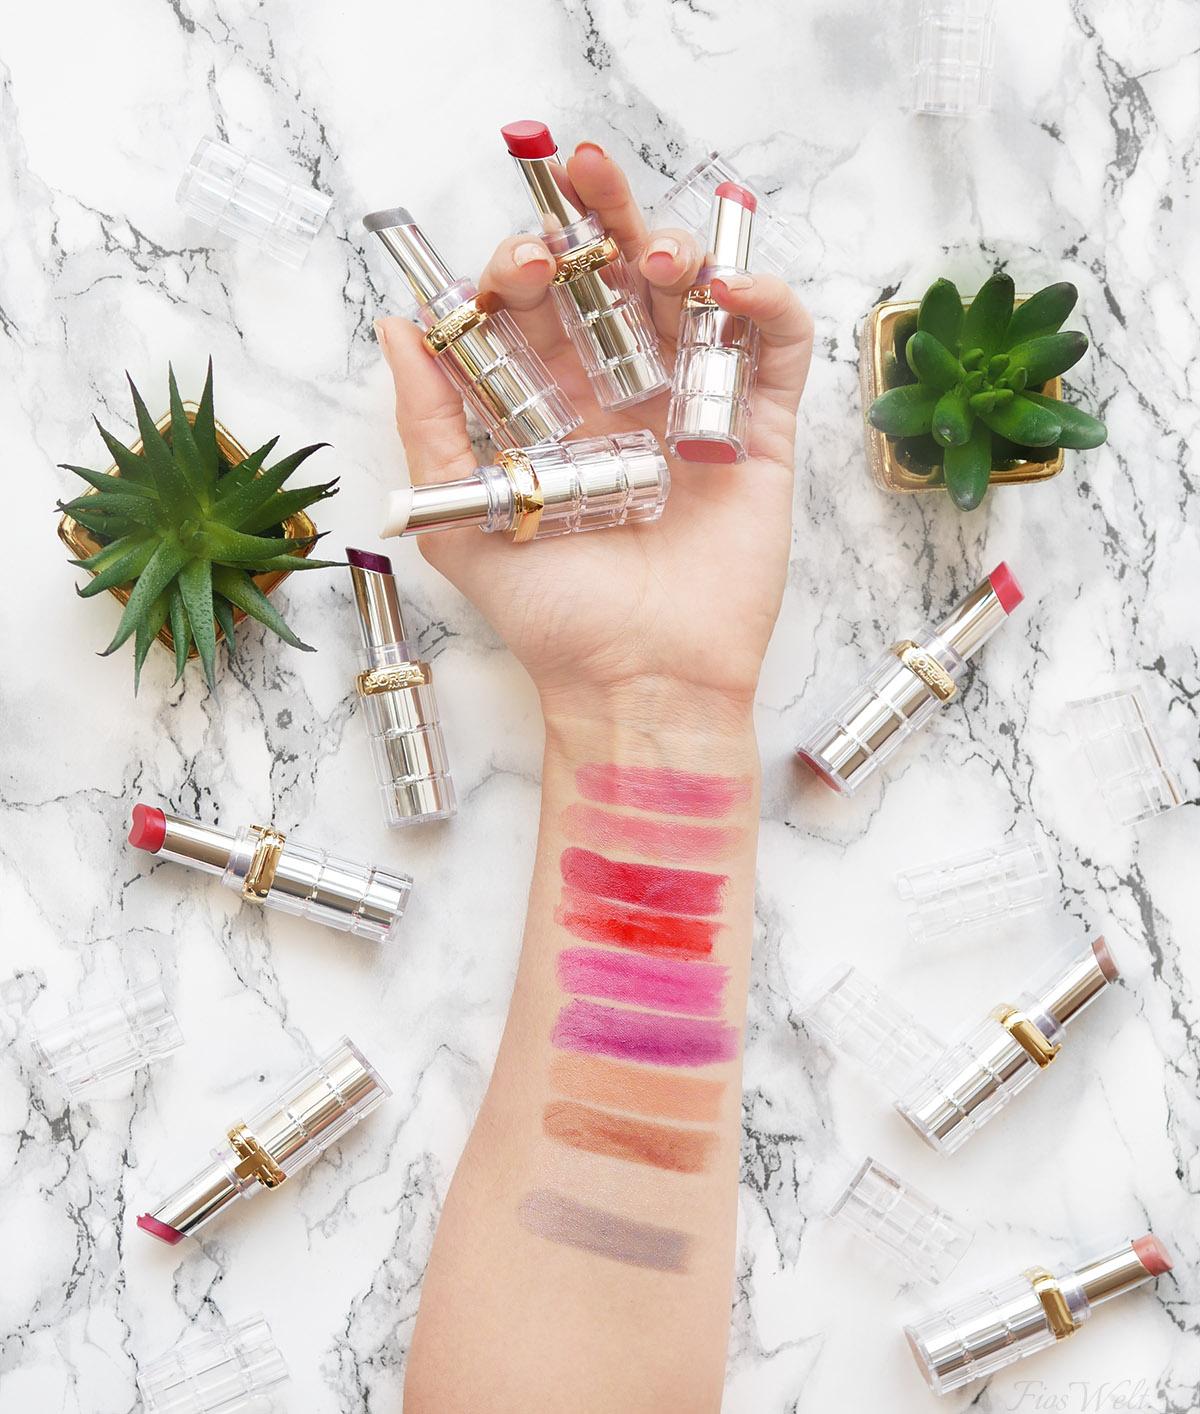 L'Oréal Color Riche Shine Lippenstifte Swatch